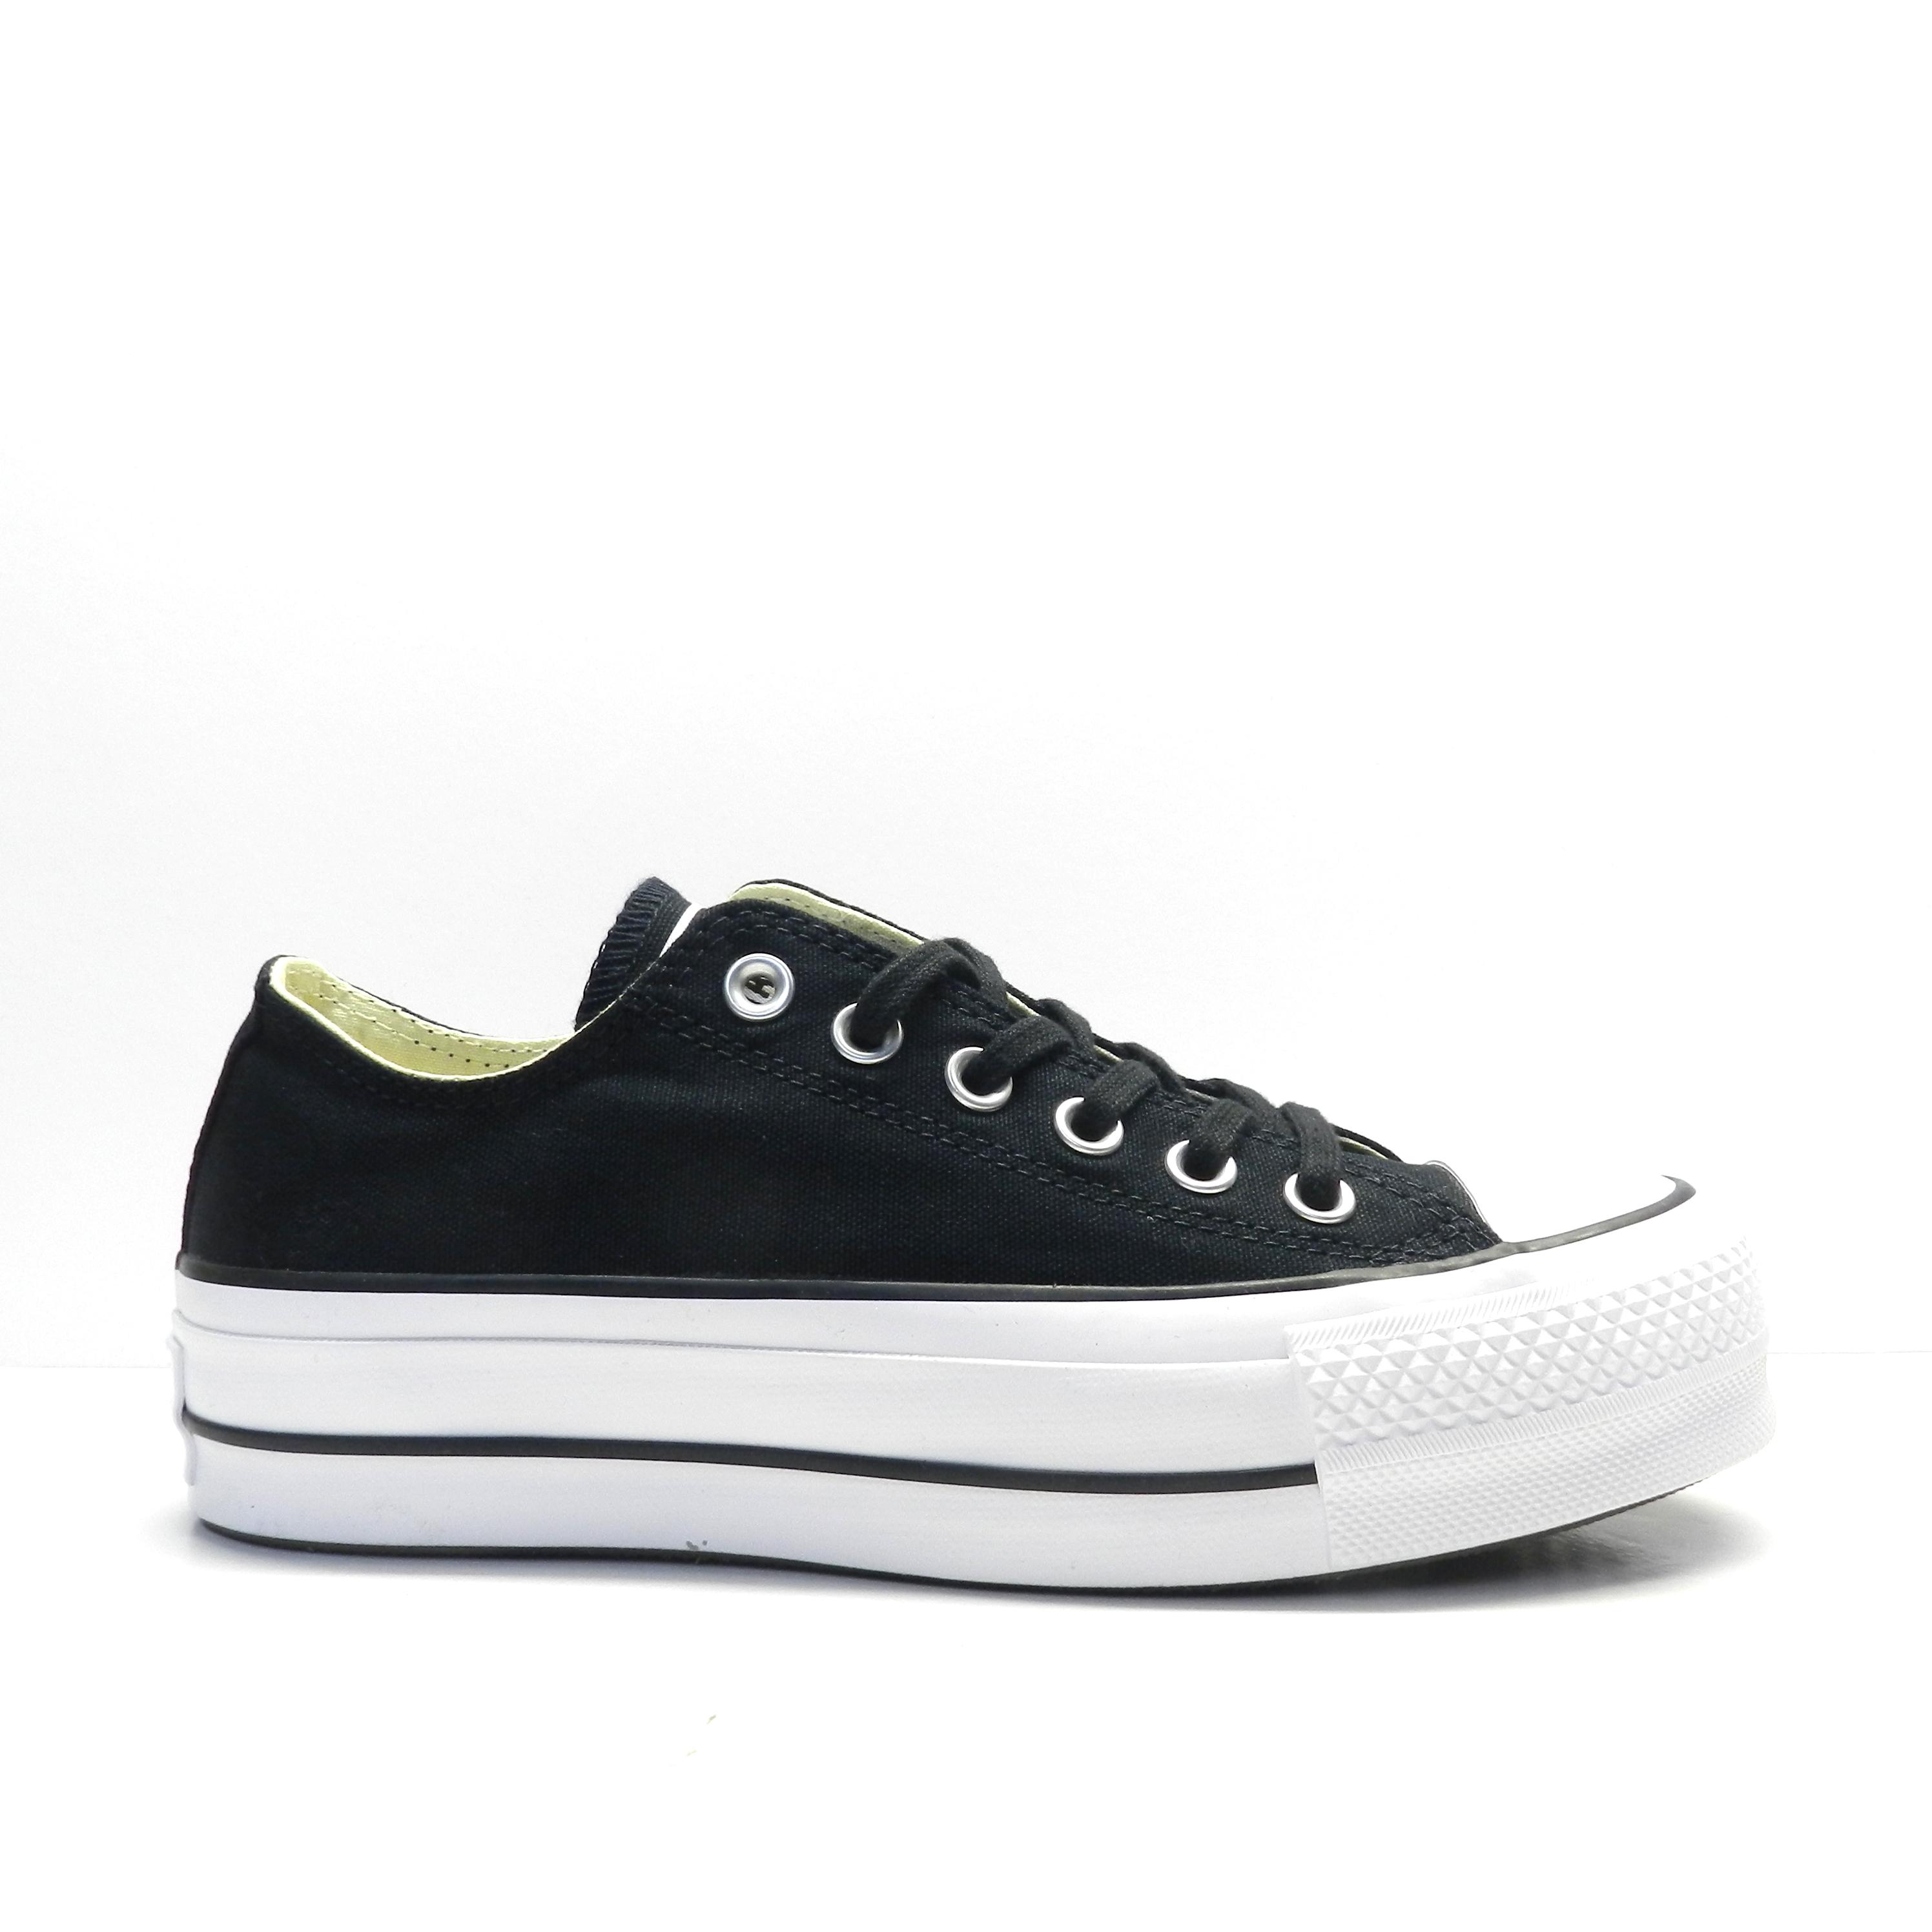 Sneakers, de lona negra con plataforma, marca converse.